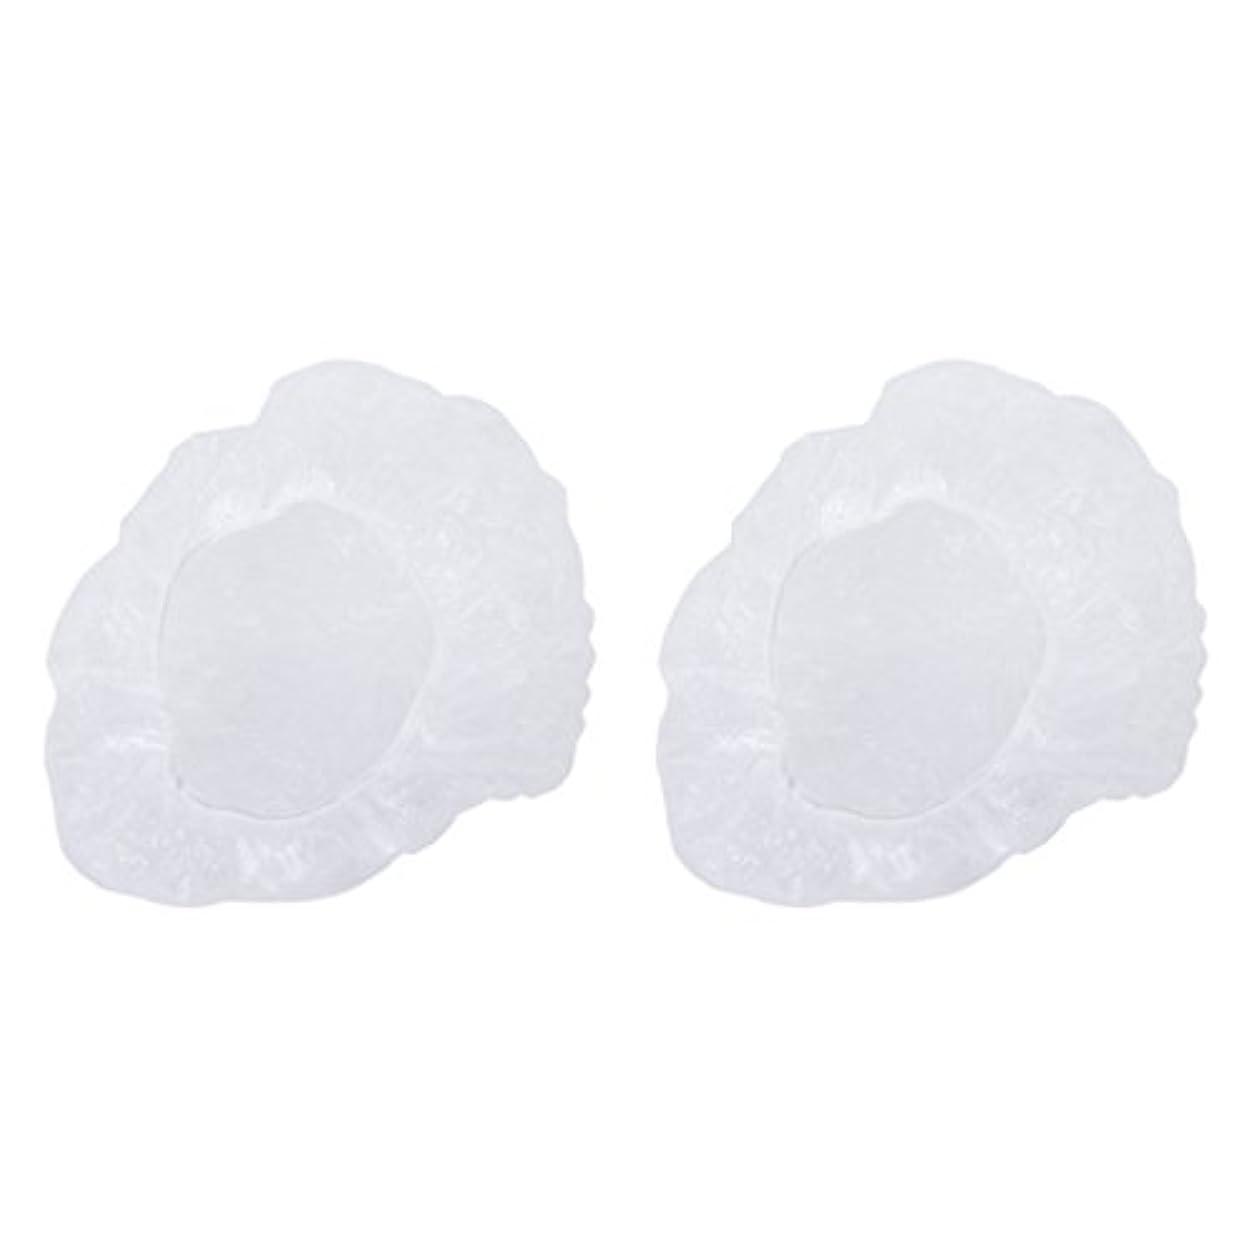 誘惑する説得放棄されたポリエチレン シャワーキャップ カバー 使い捨て プラスチック製 シャンプーハット 透明 200枚